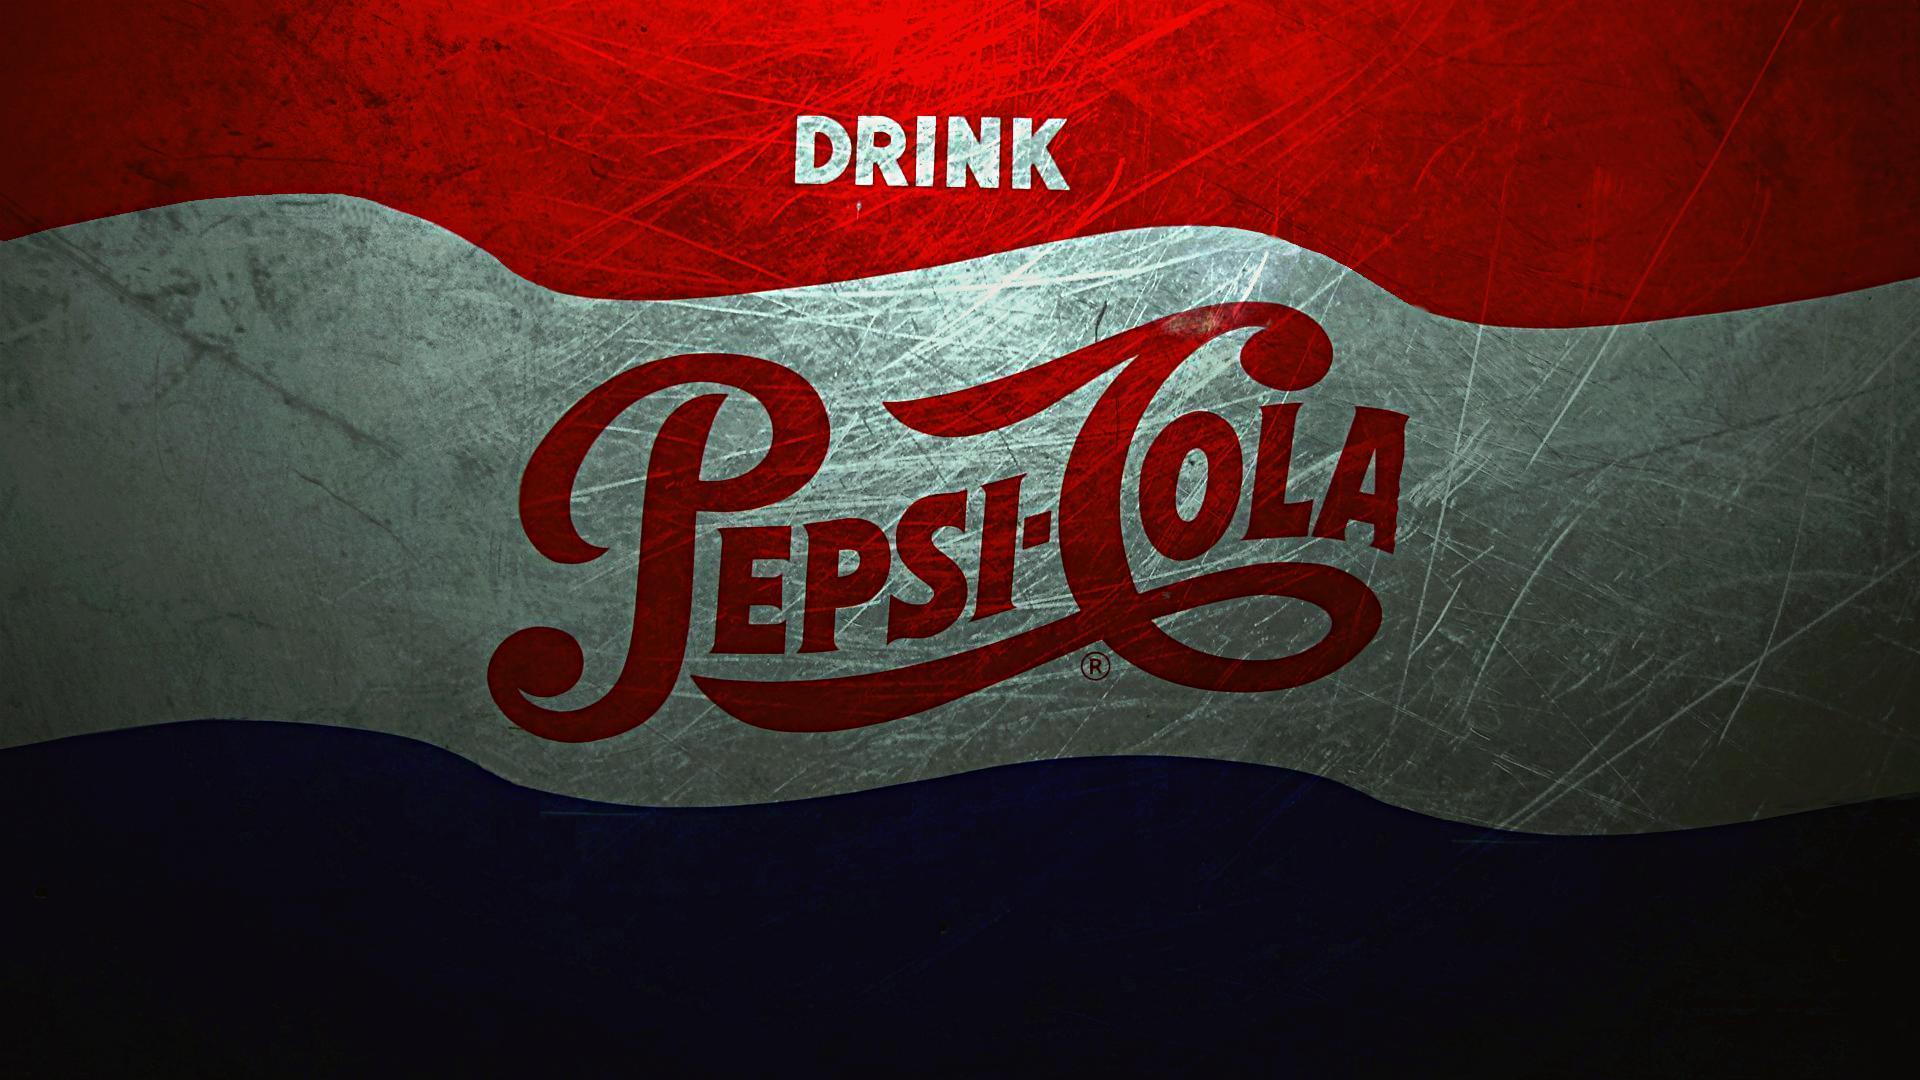 Pepsi Wallpapers Wallpaper Pepsi in  Pepsi Pepsi cola